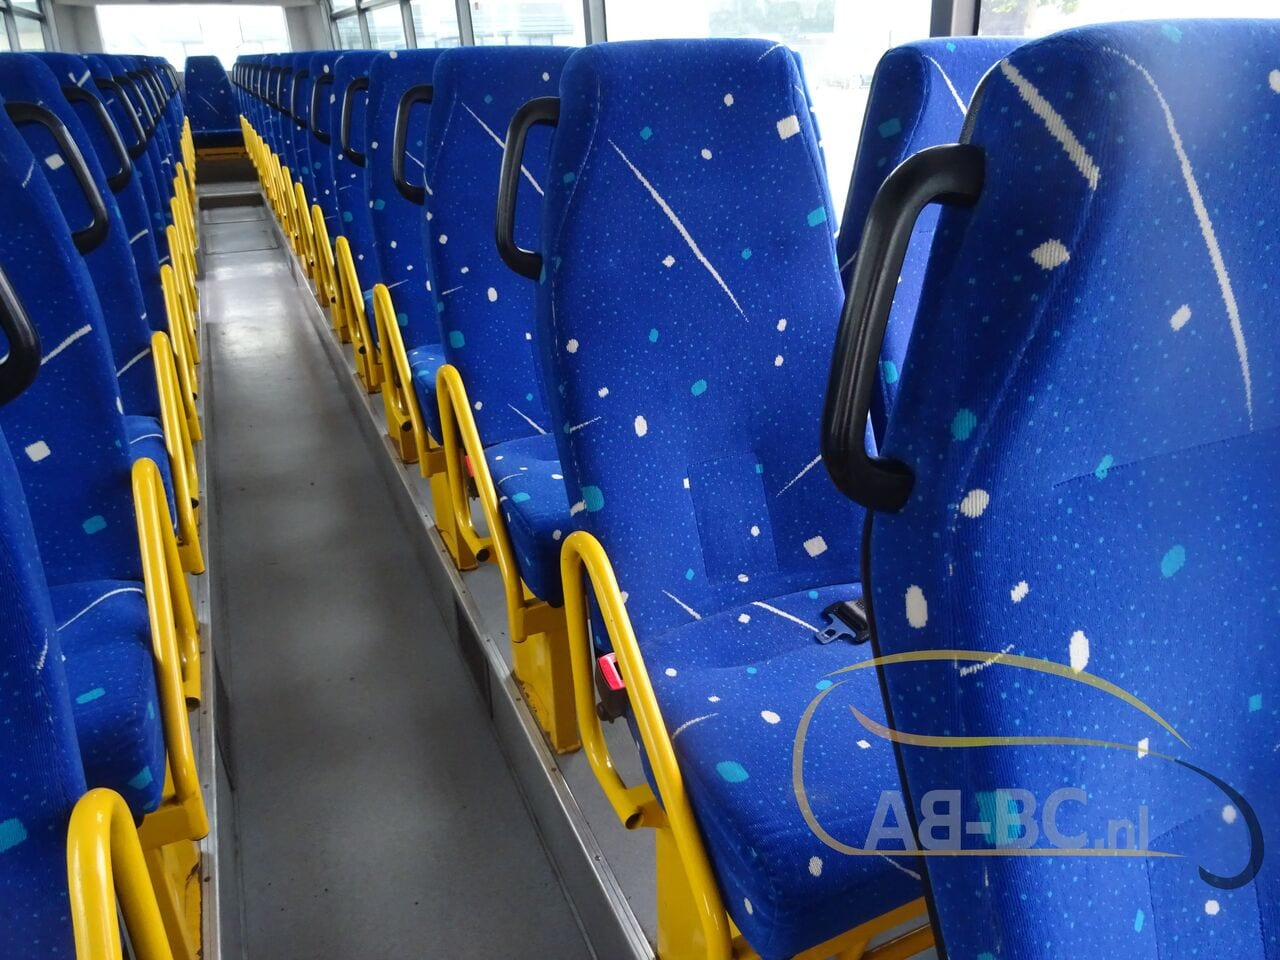 interurban-busIVECO-Irisbus-Recreo-64-Seats---1626160113632900365_big_f7d01c9a5e053b4c16286014c38118d6--21071309575983154500